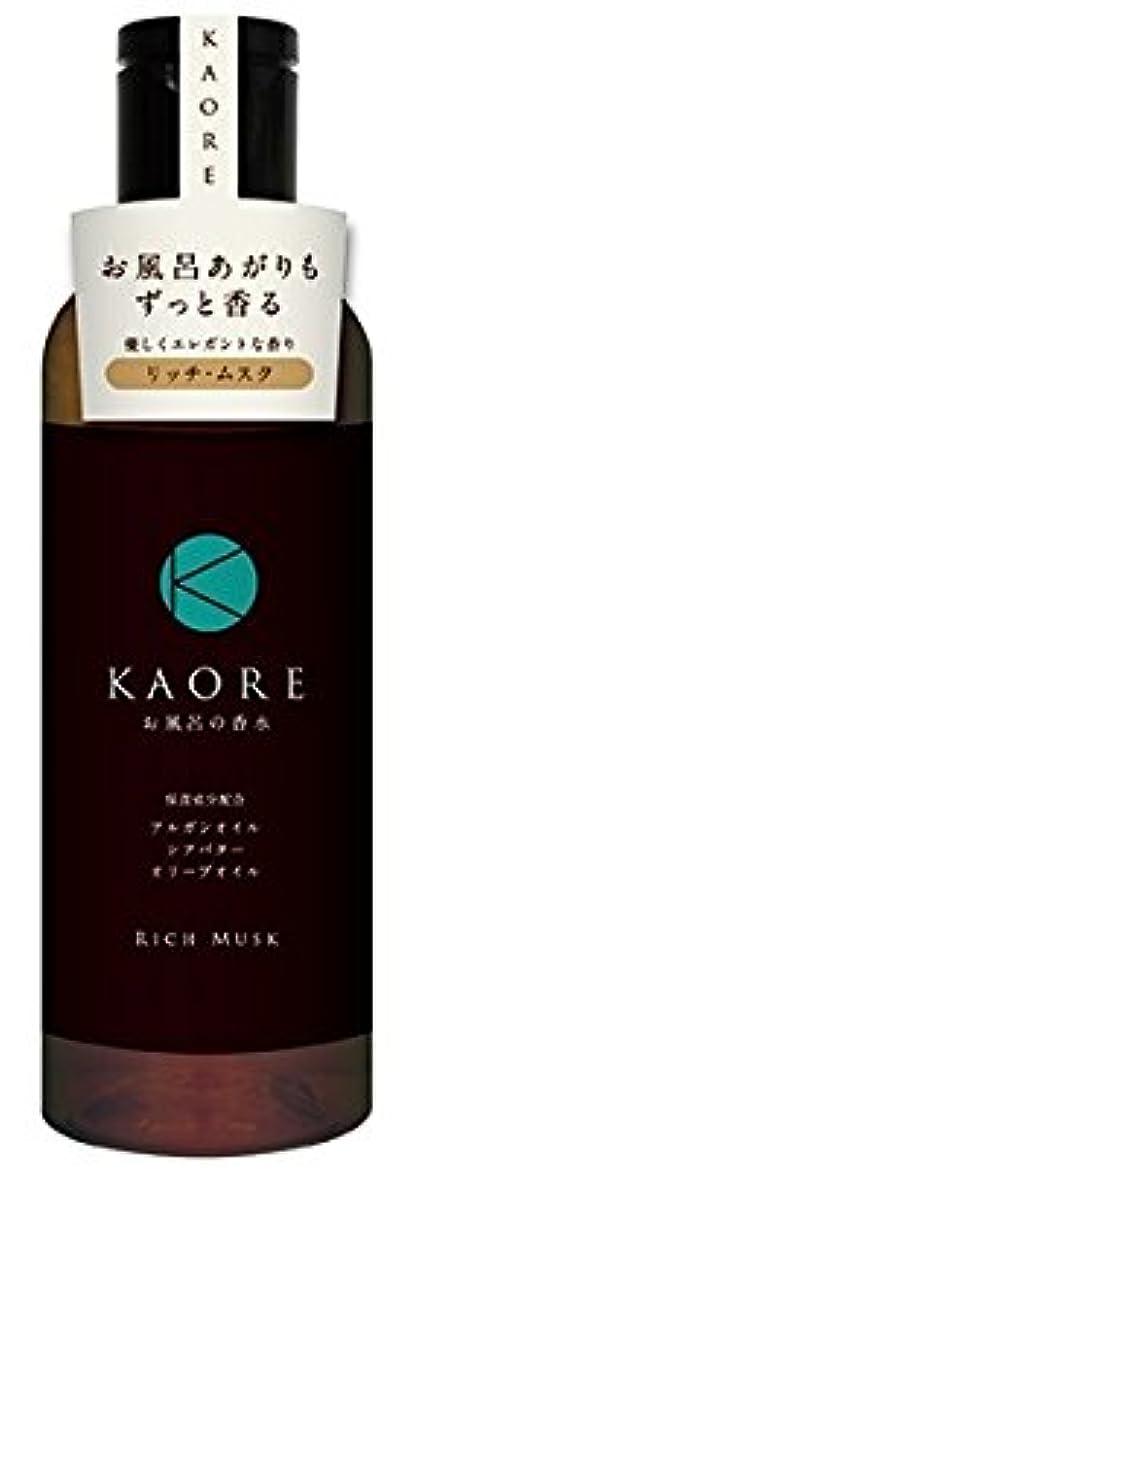 円形の聖なるプランテーションKAORE(カオリ) お風呂の香水 リッチムスク 200ml